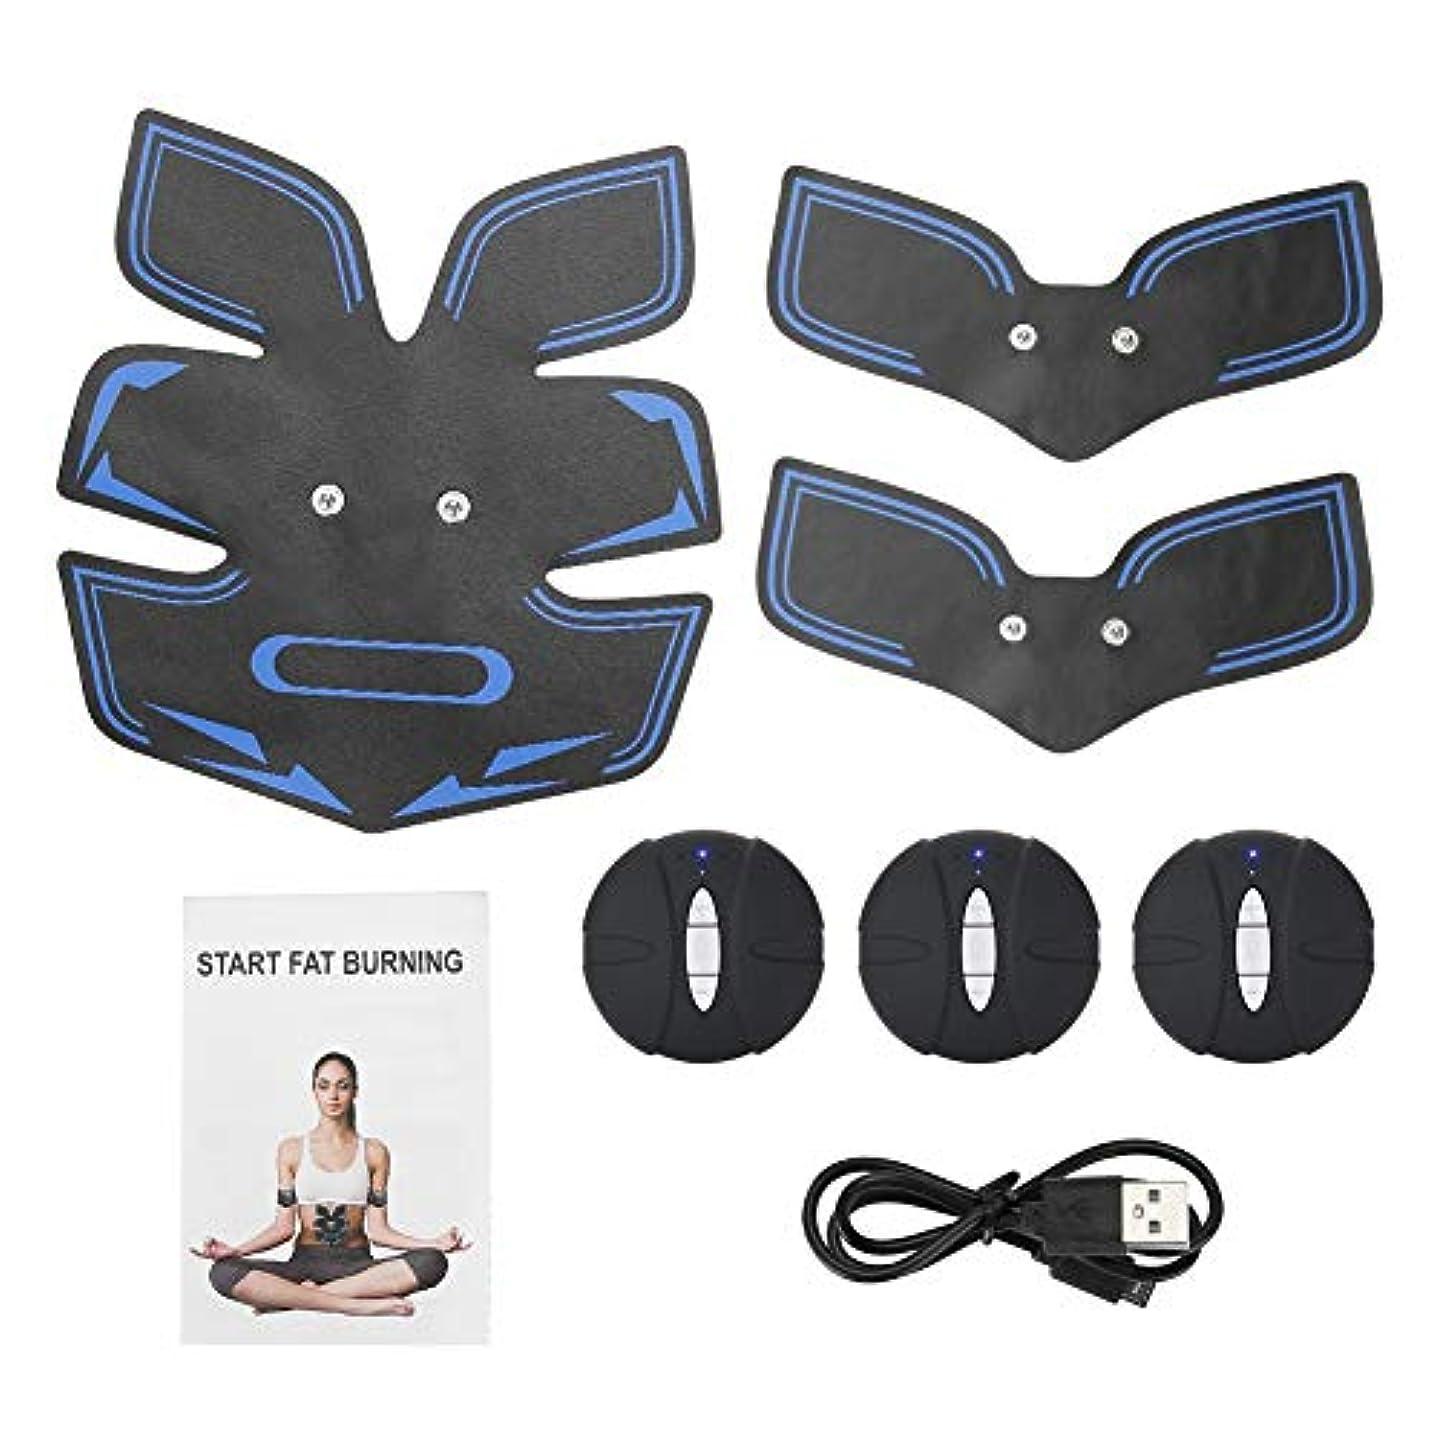 電気筋肉装置、腹部のマッサージャーは女性および男性のための整形マッサージの効果を達成します